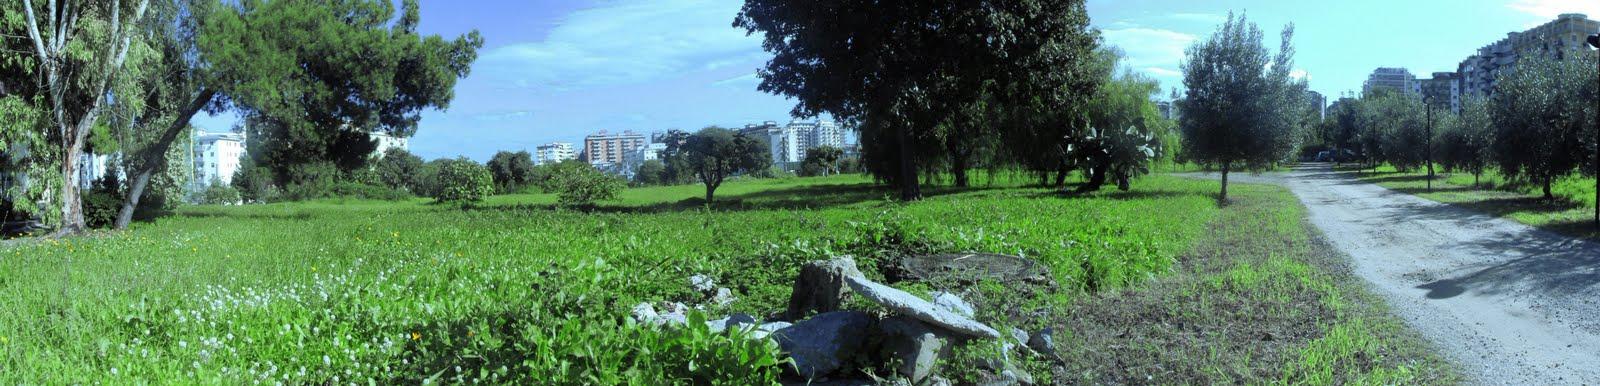 Un Nuovo Parco per Palermo